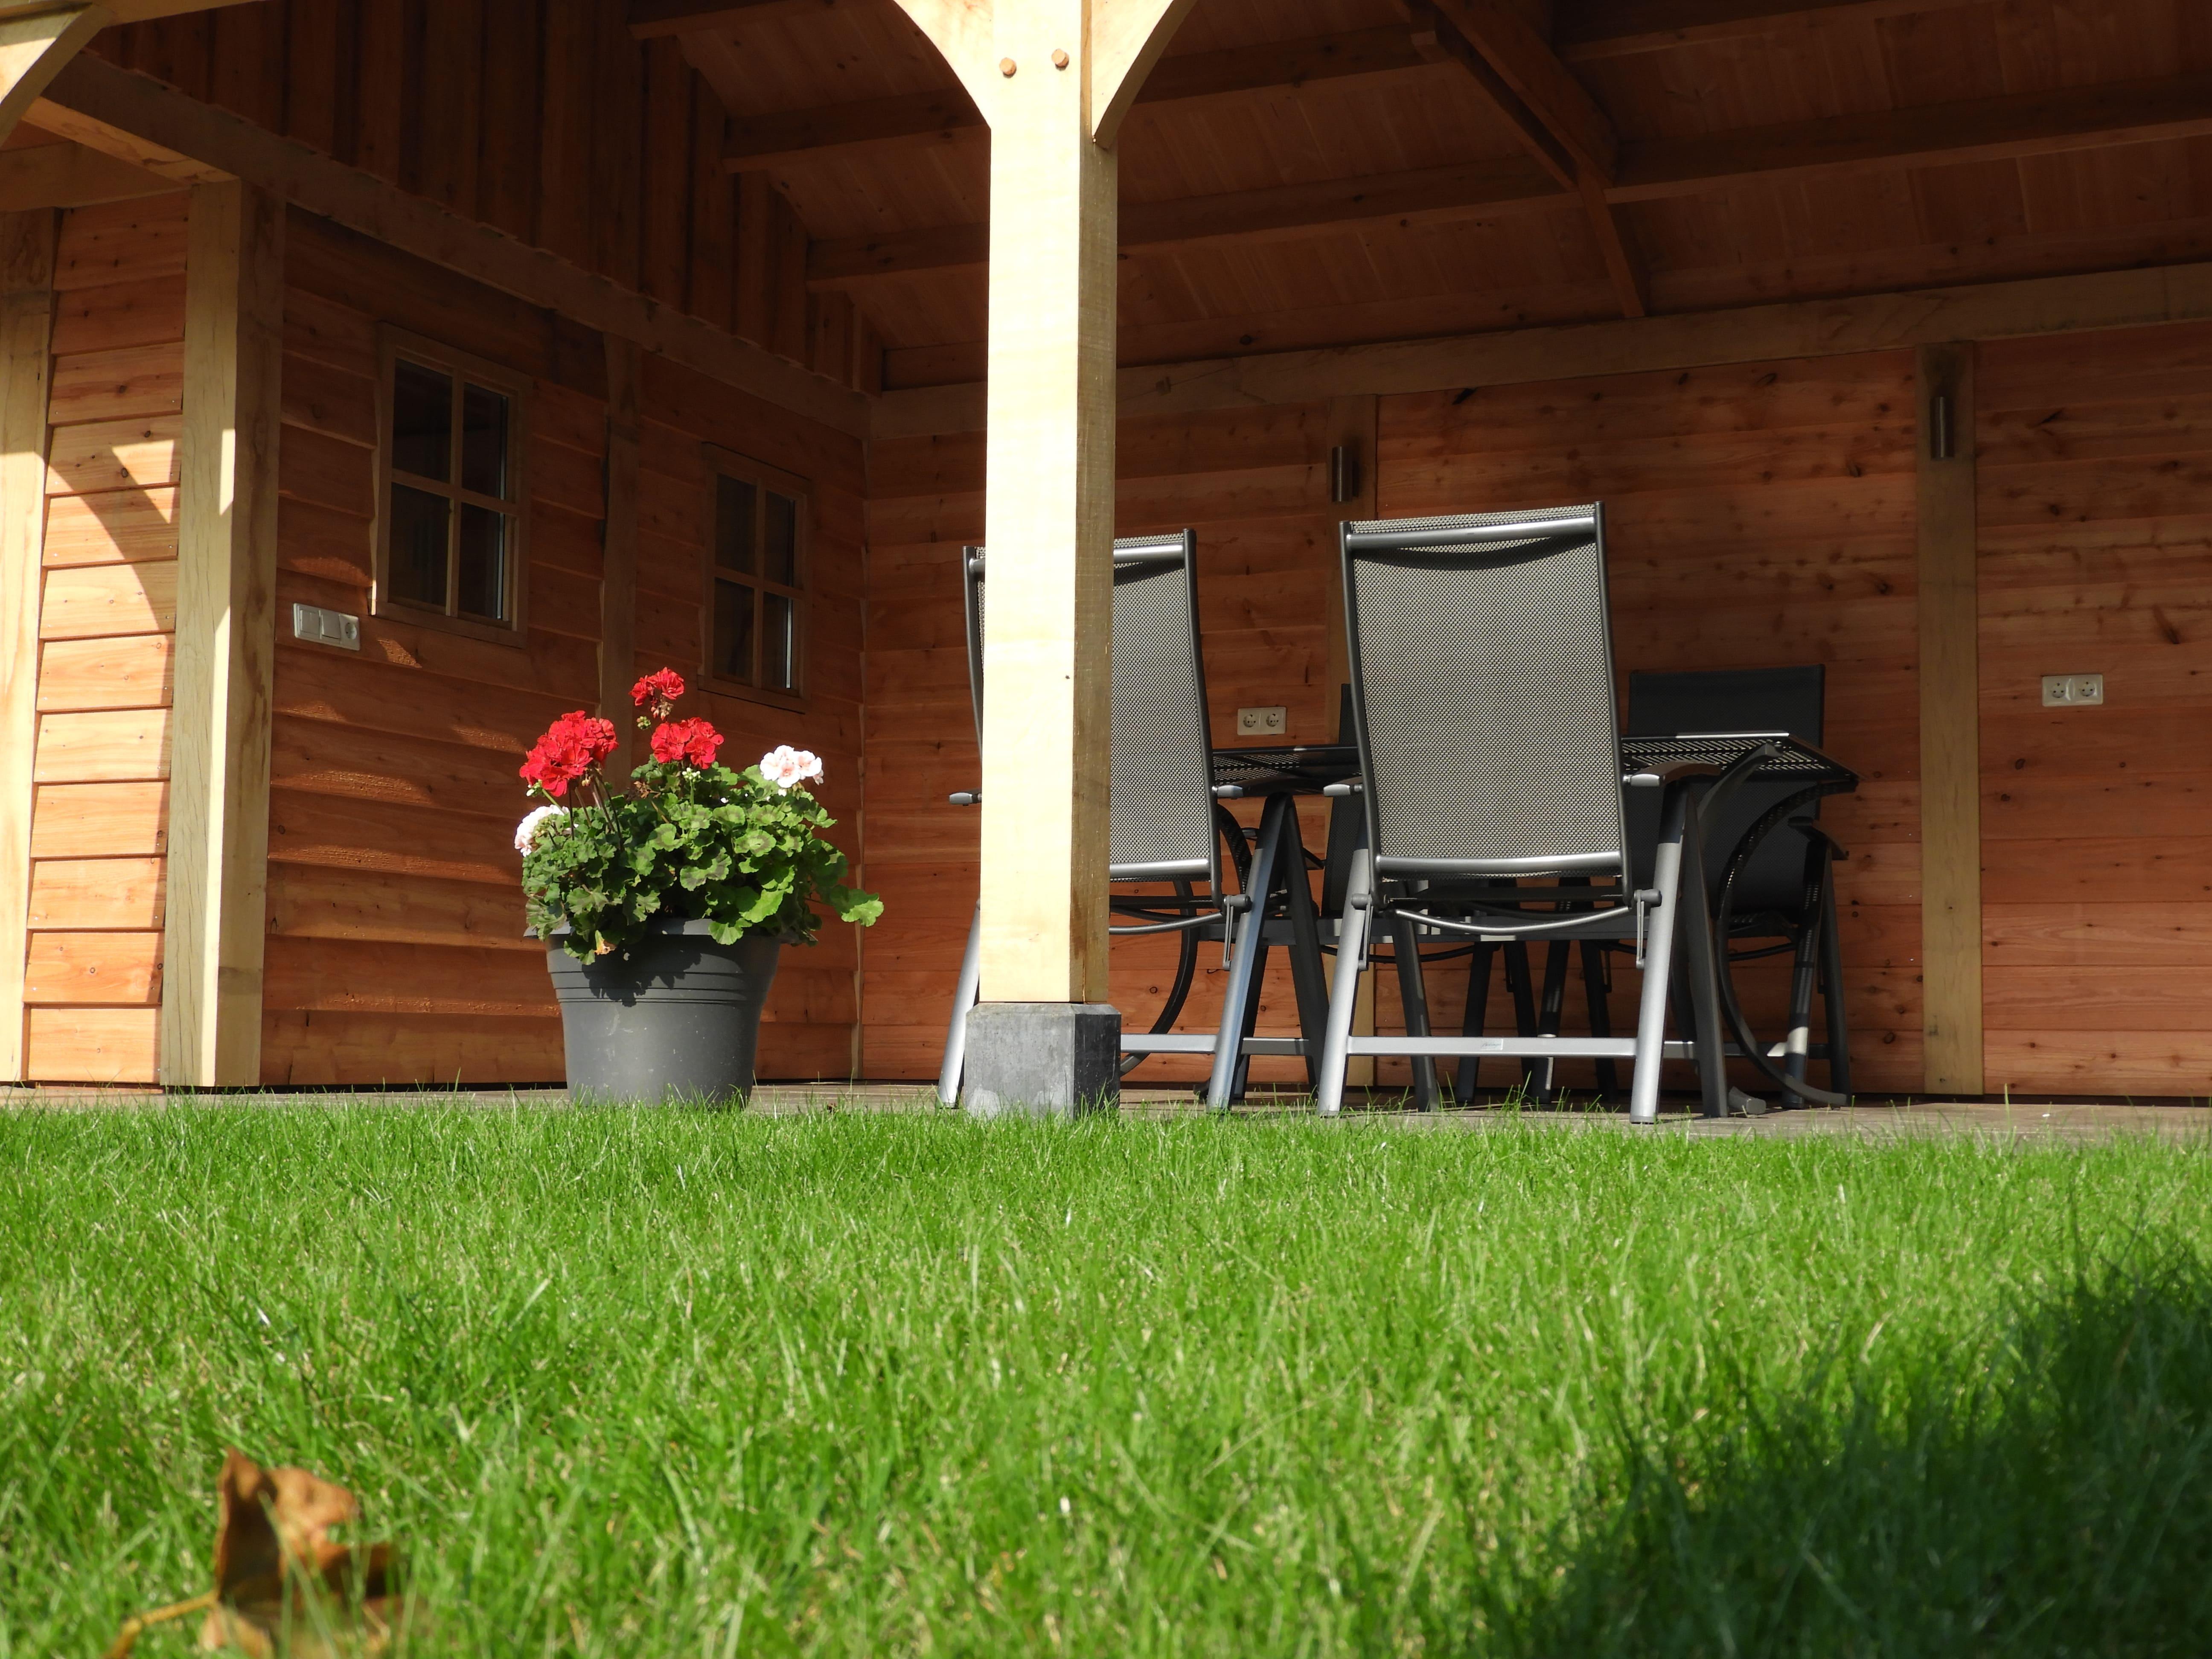 houten-tuinhuis-met-veranda-8-min - project Marienberg